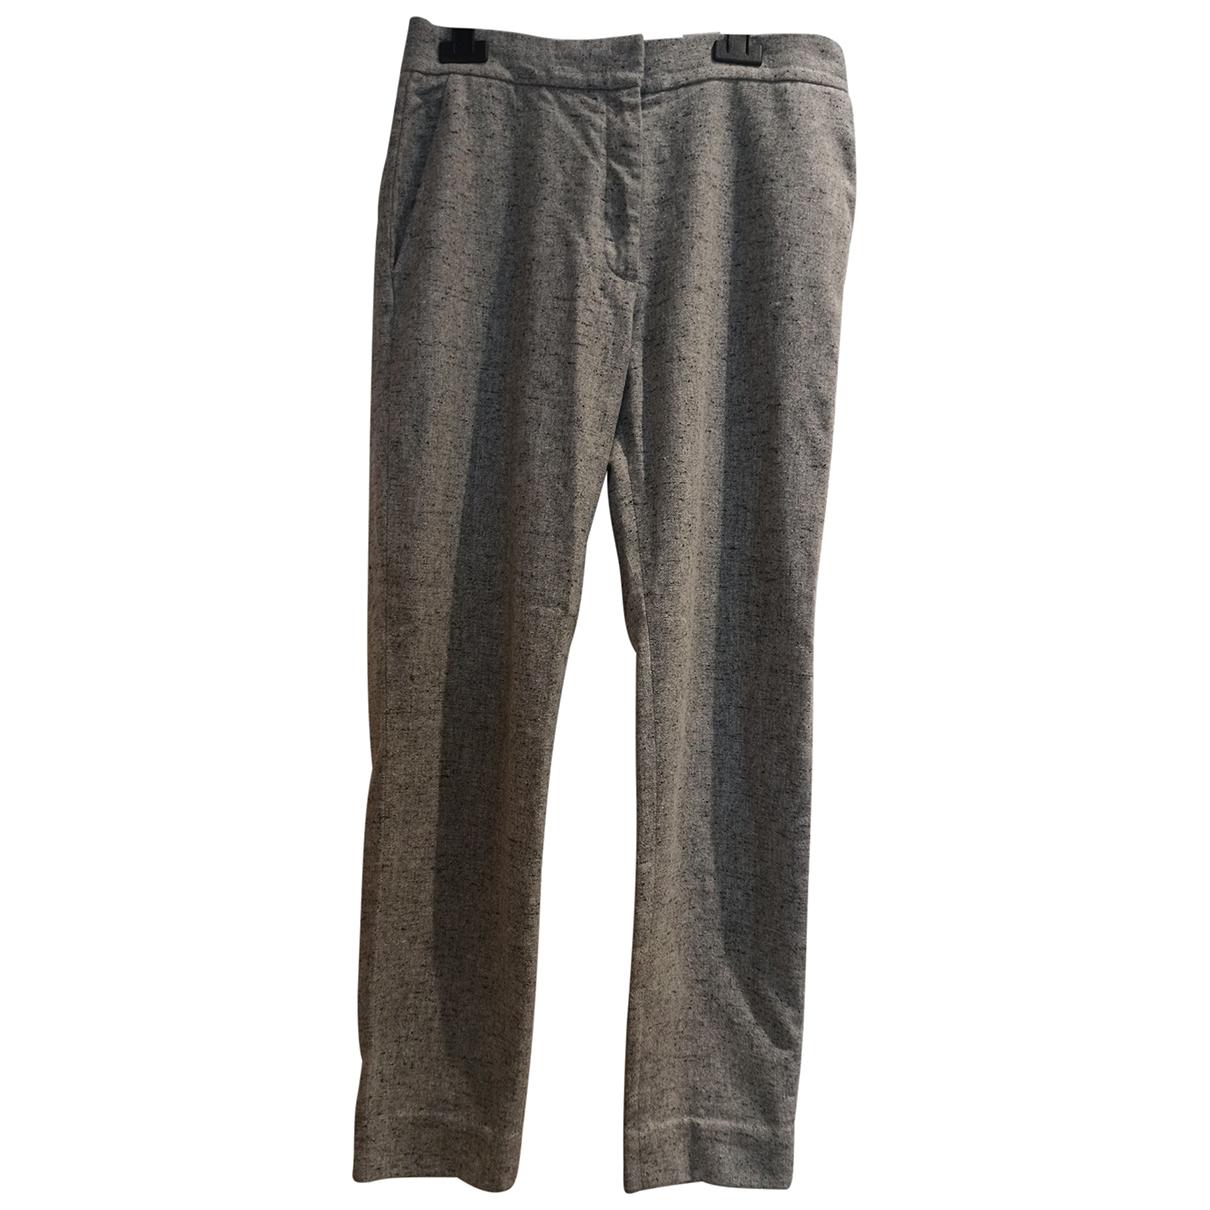 Pantalon recto de Lana Cos